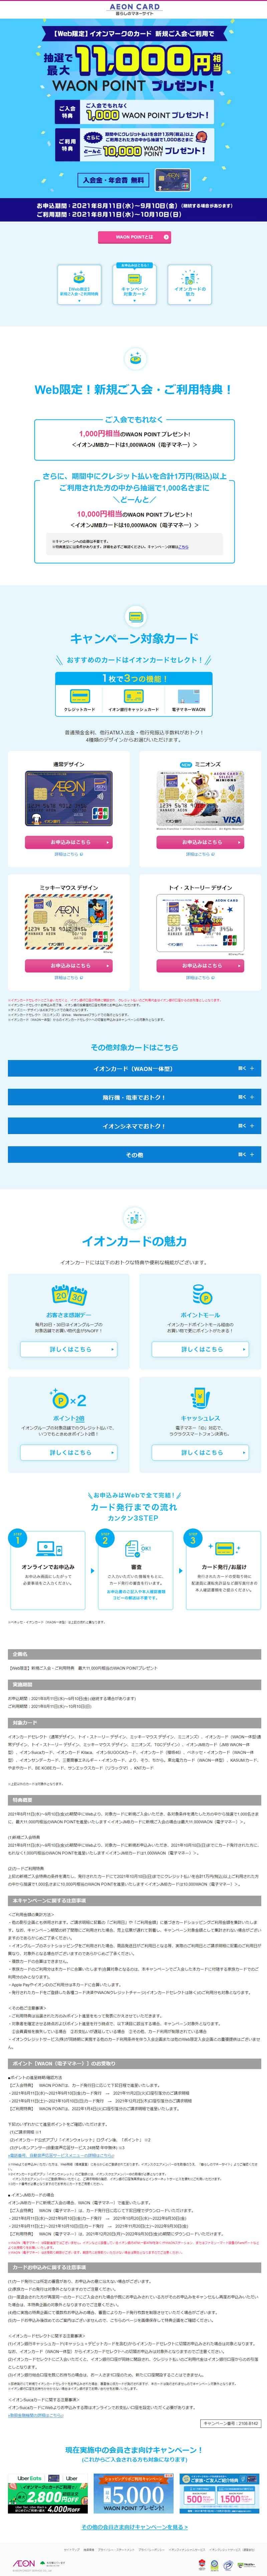 イオンカード、2021年8月11日(水)~9月10日(金) までの入会キャンペーンページのキャプチャー画像